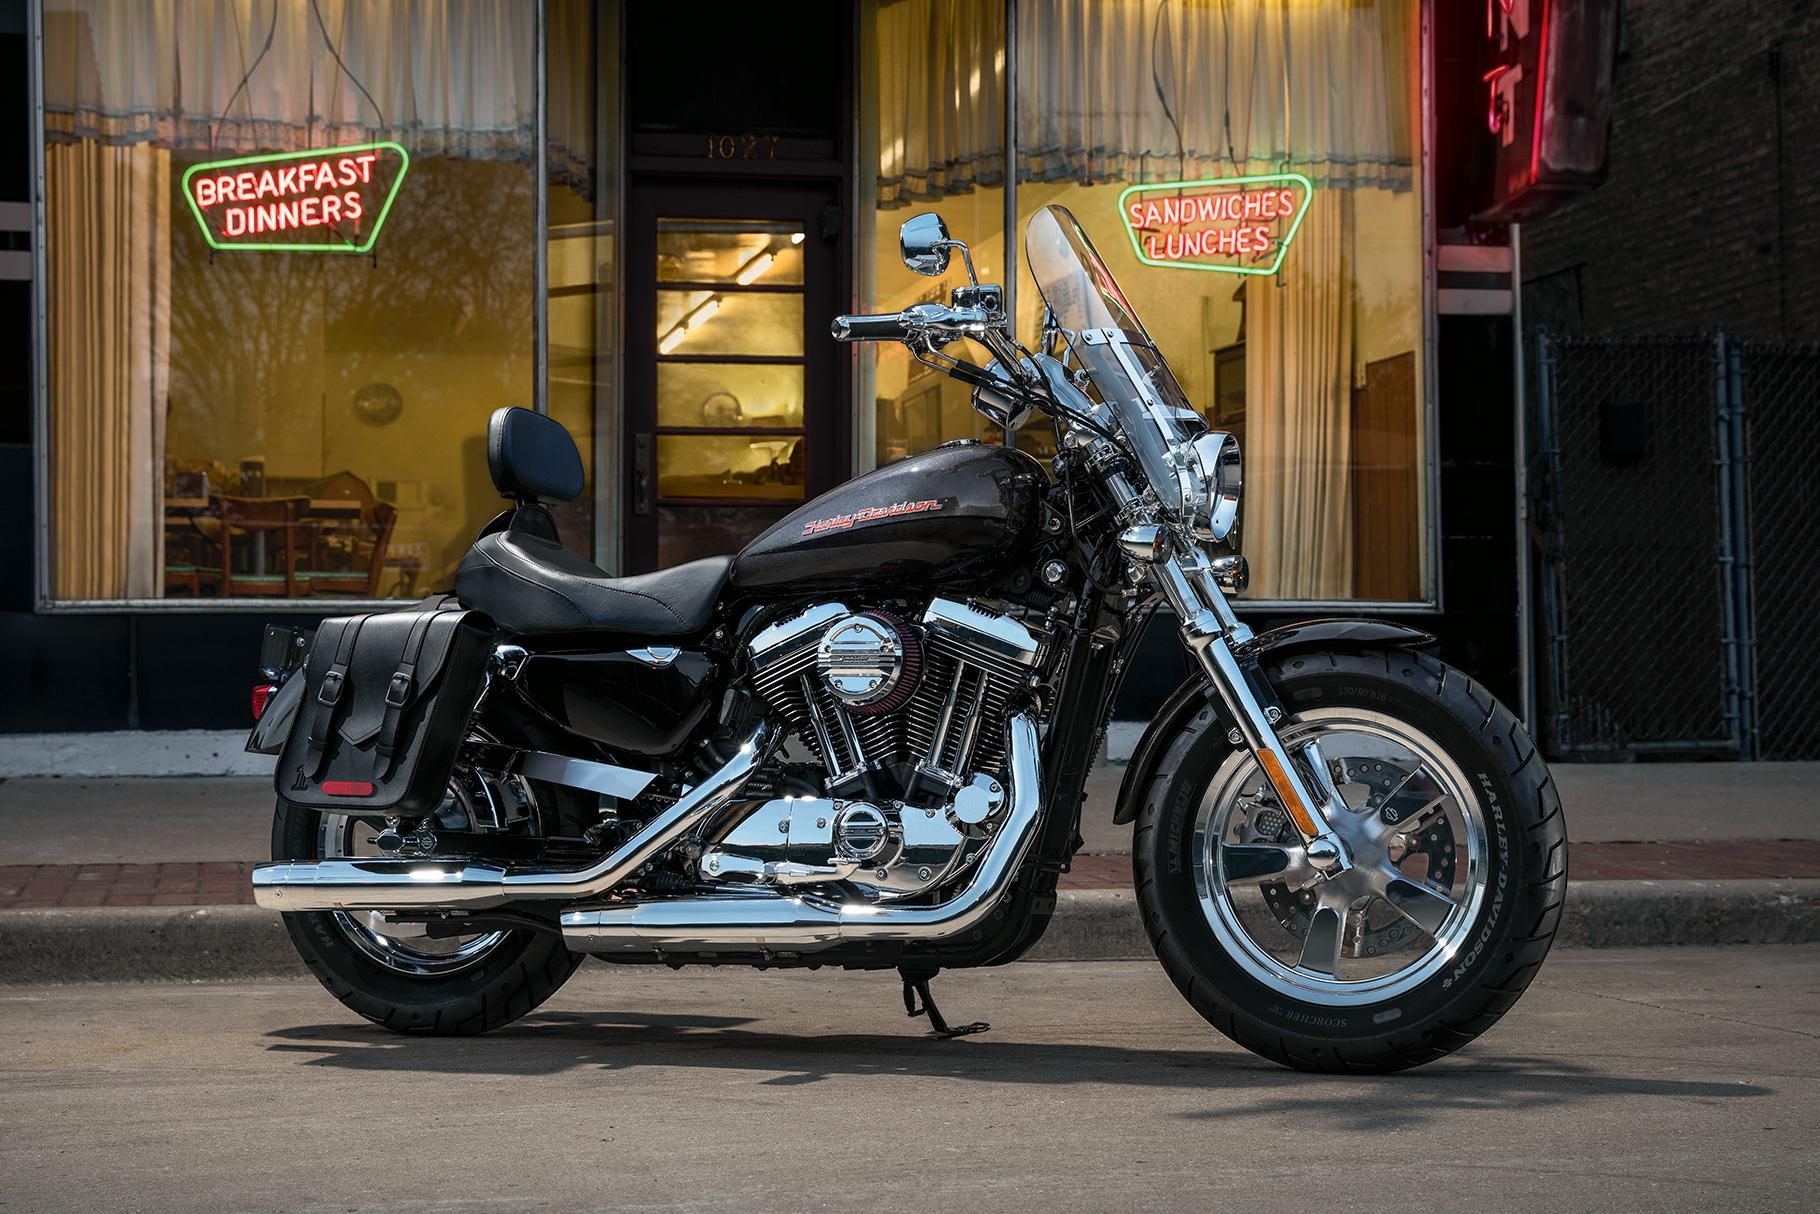 2019 1200 custom motorcycle harley davidson usa. Black Bedroom Furniture Sets. Home Design Ideas